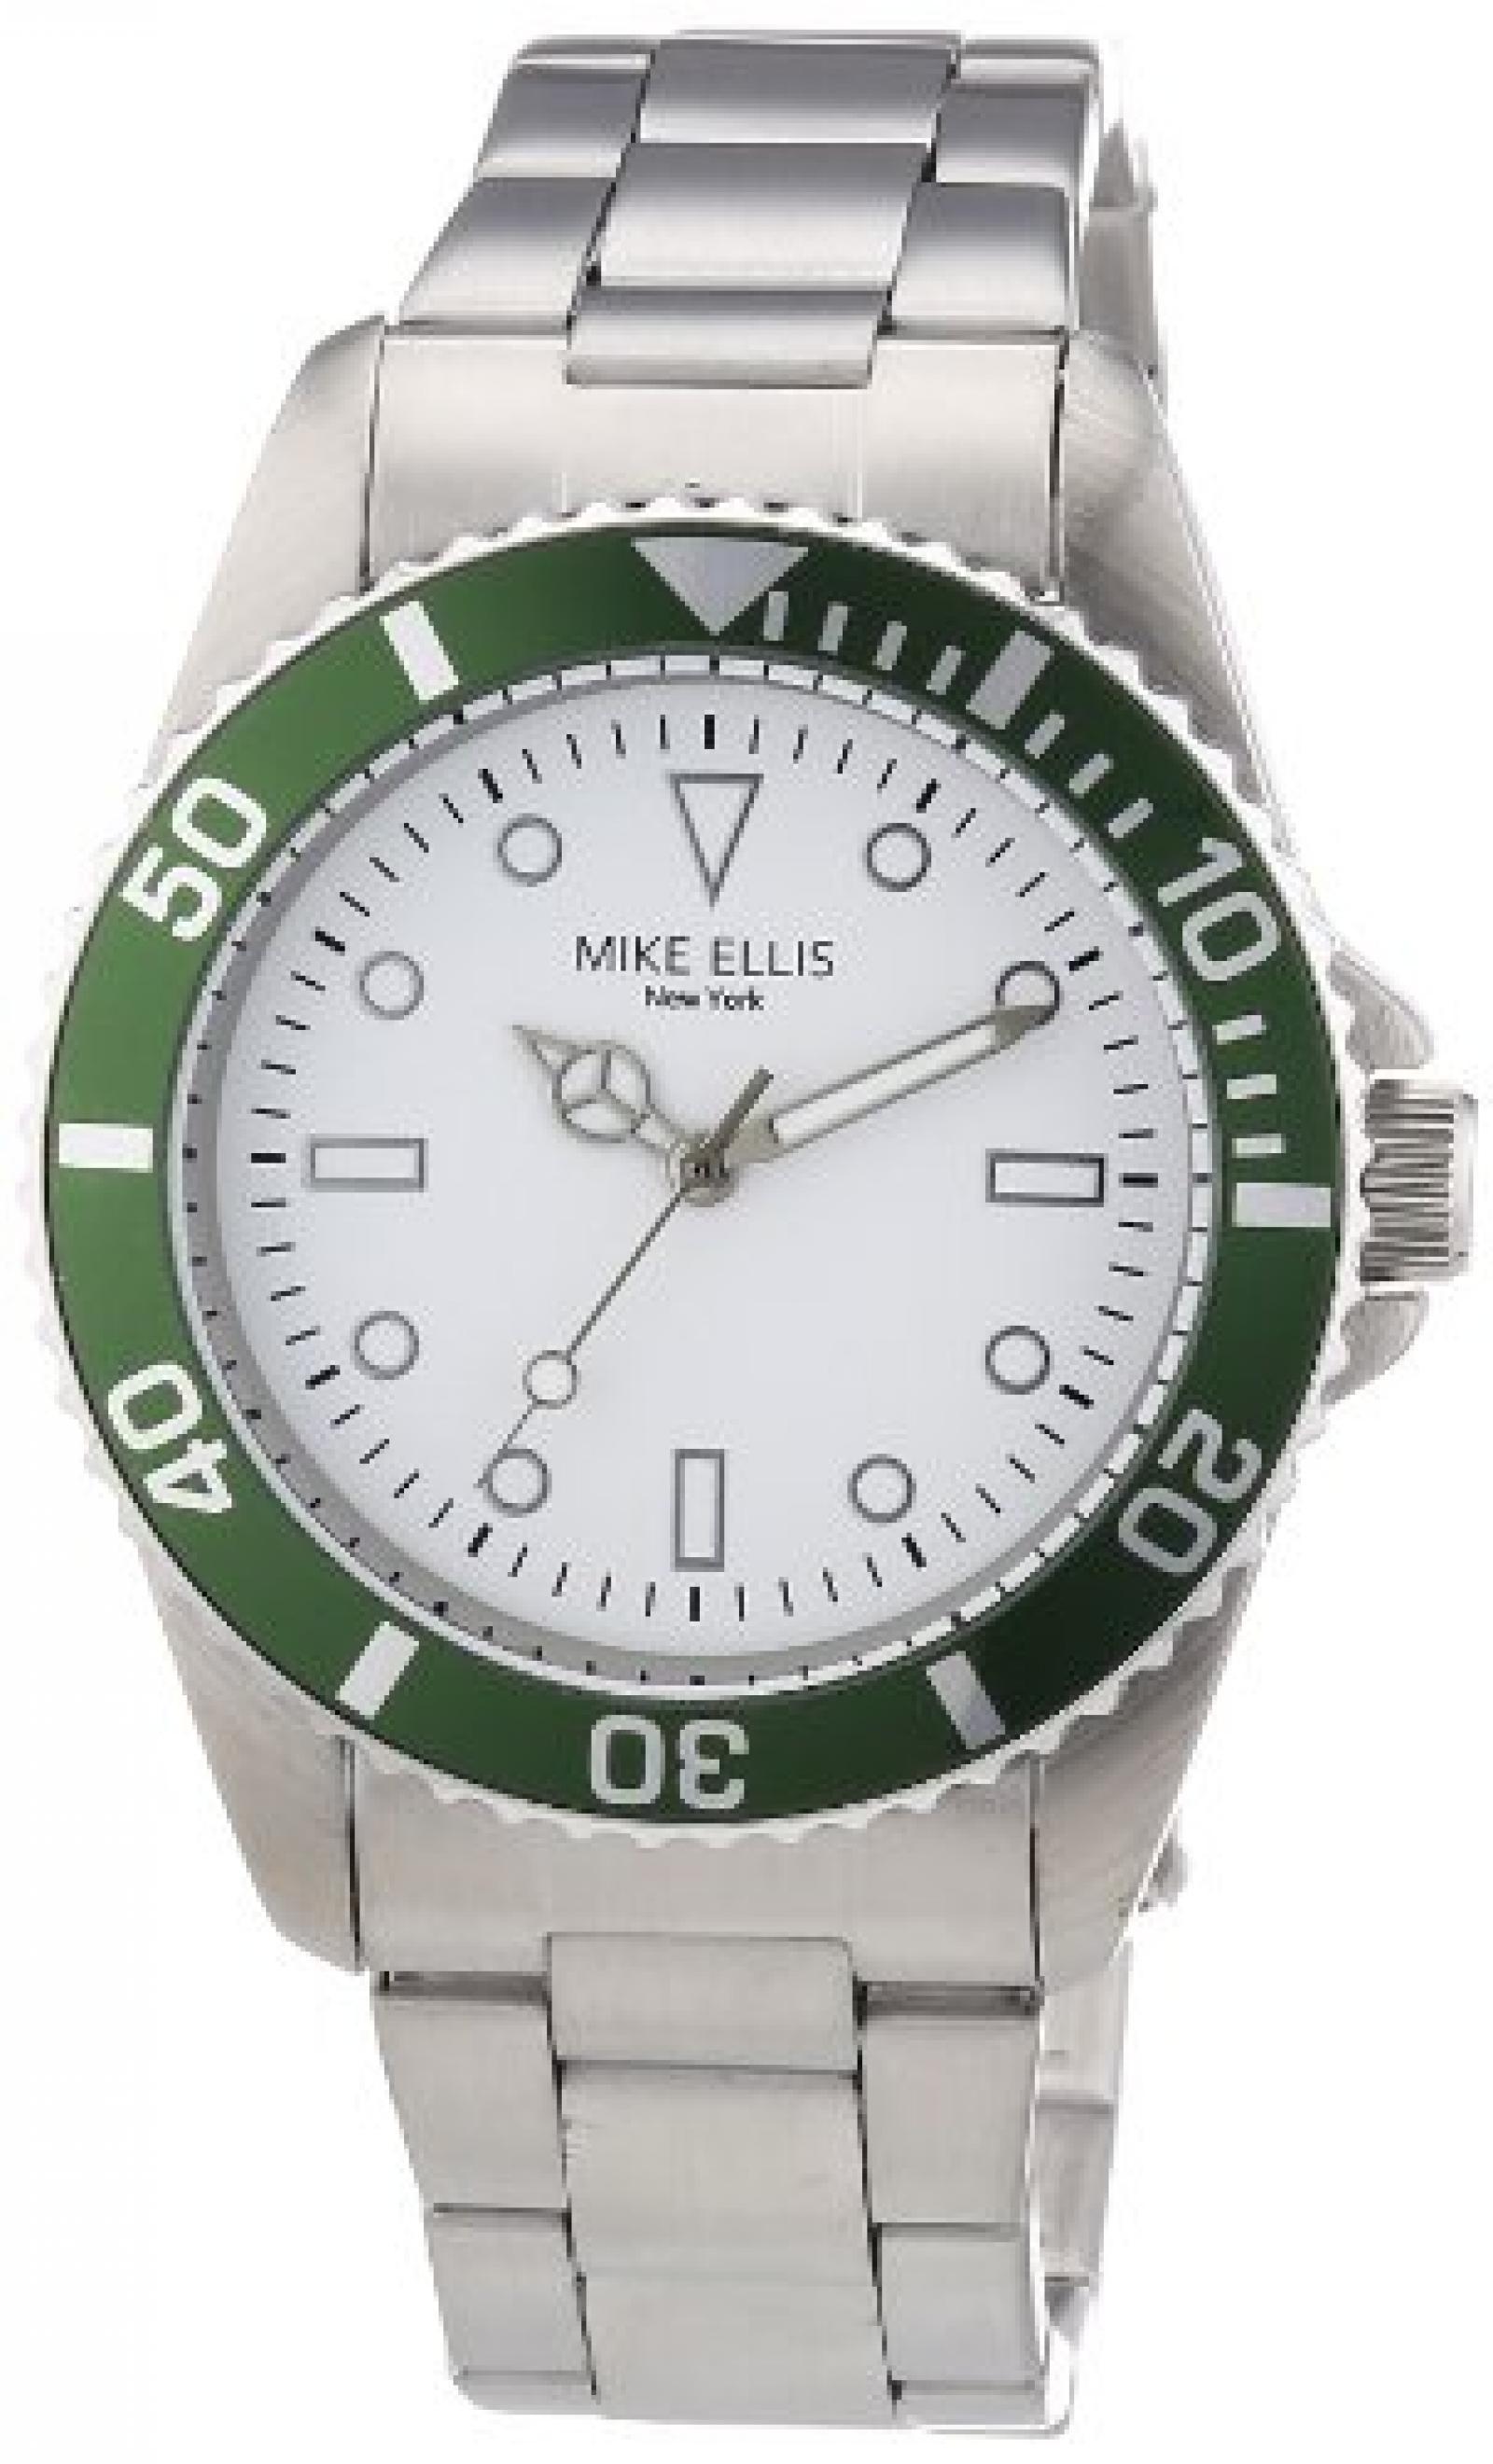 Mike Ellis New York Herren-Armbanduhr Analog Quarz M2969ASM/3